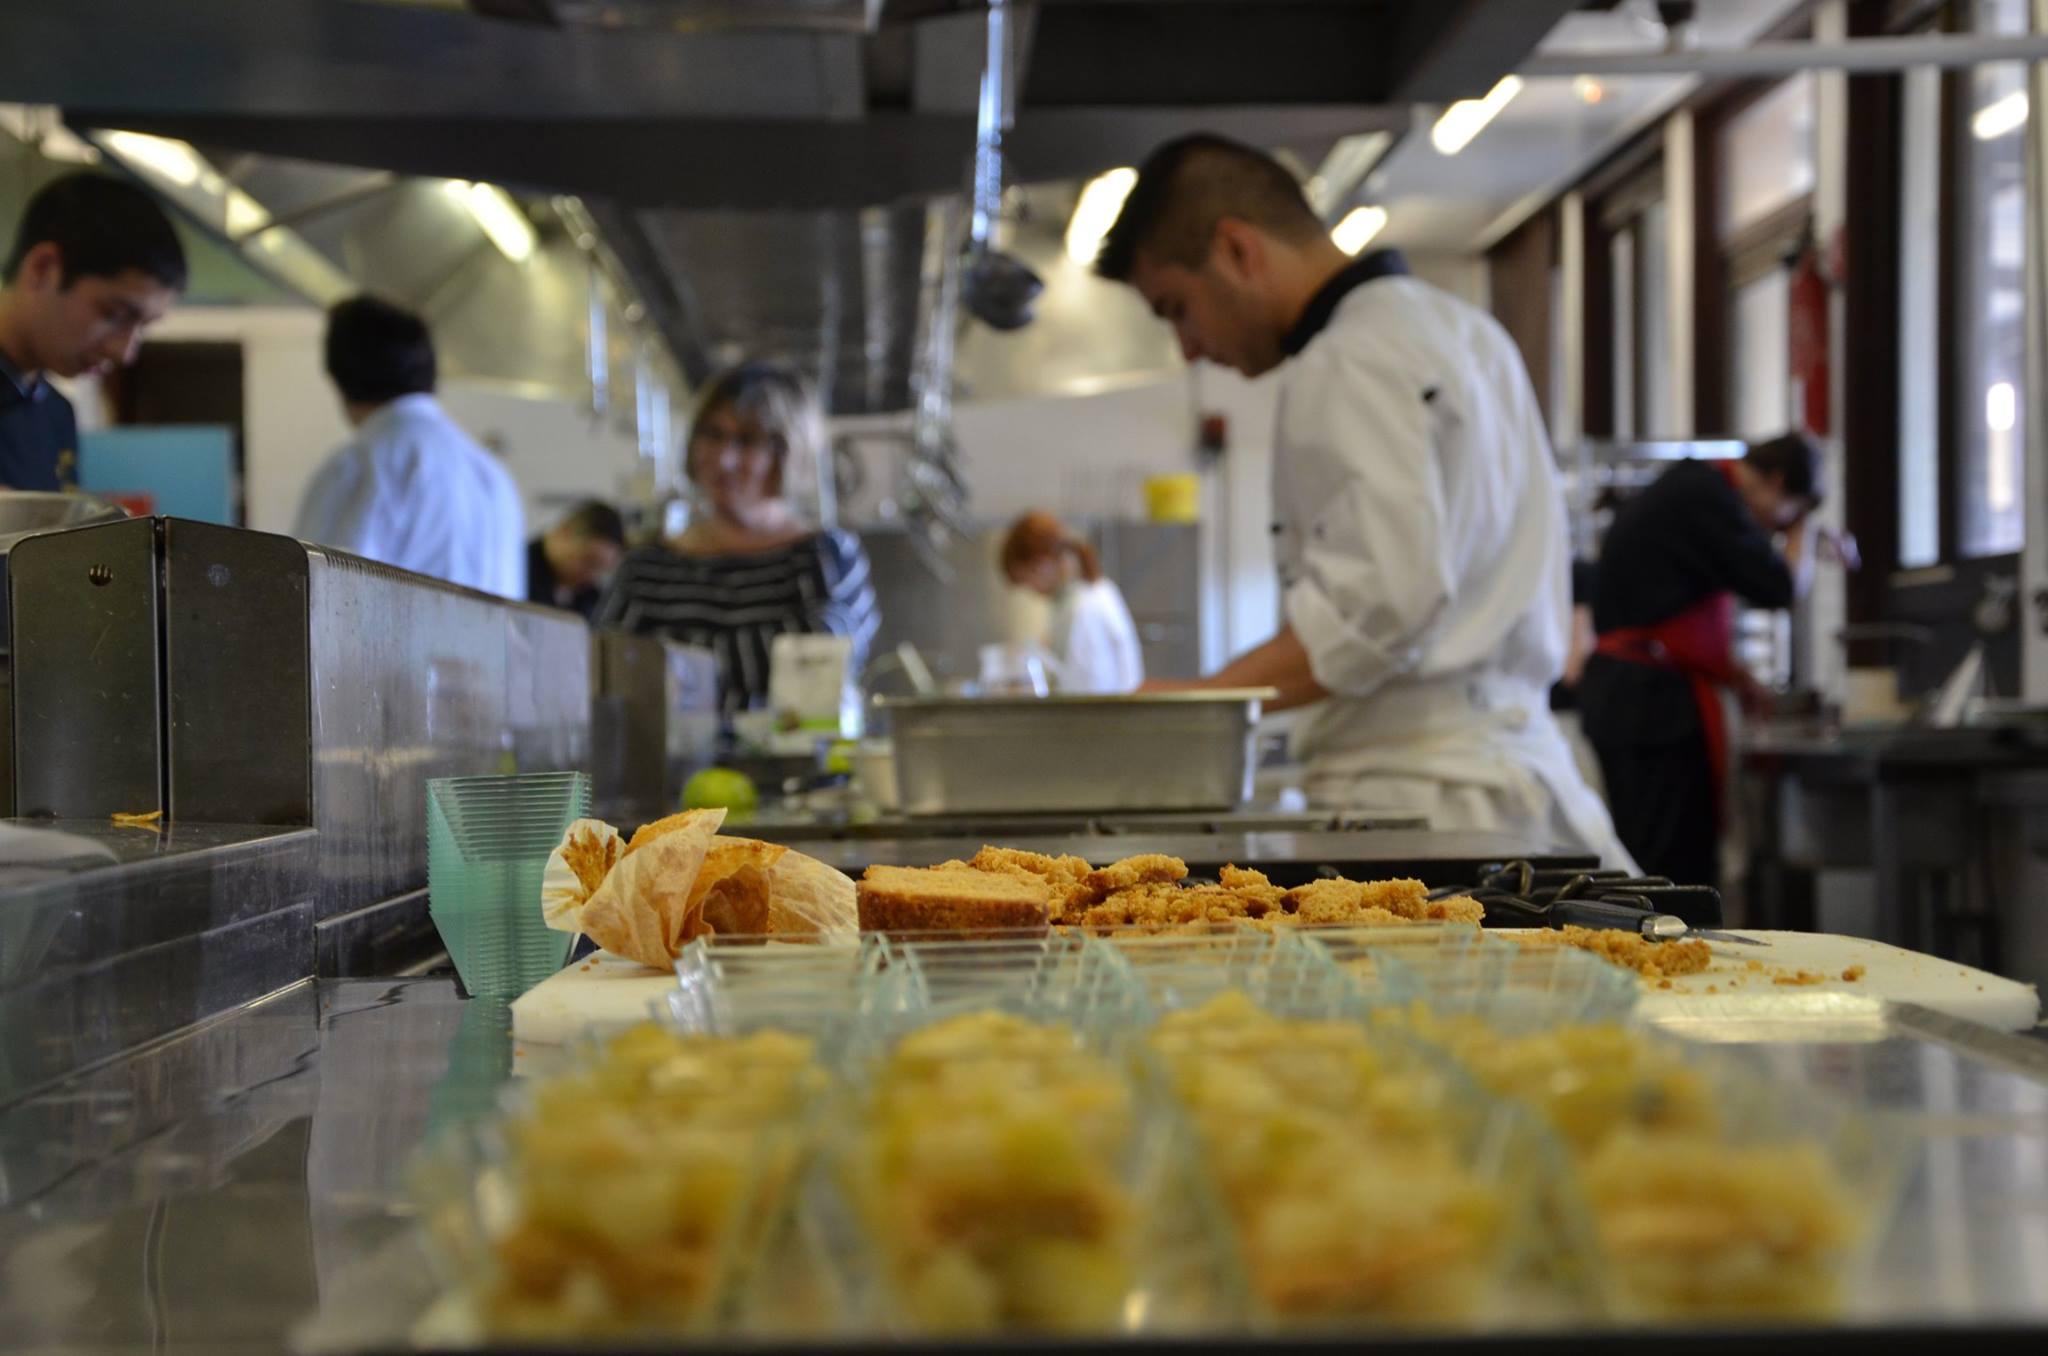 Le dahlir en cuisine bravo l quipe jsk jce for Cuisine equipes